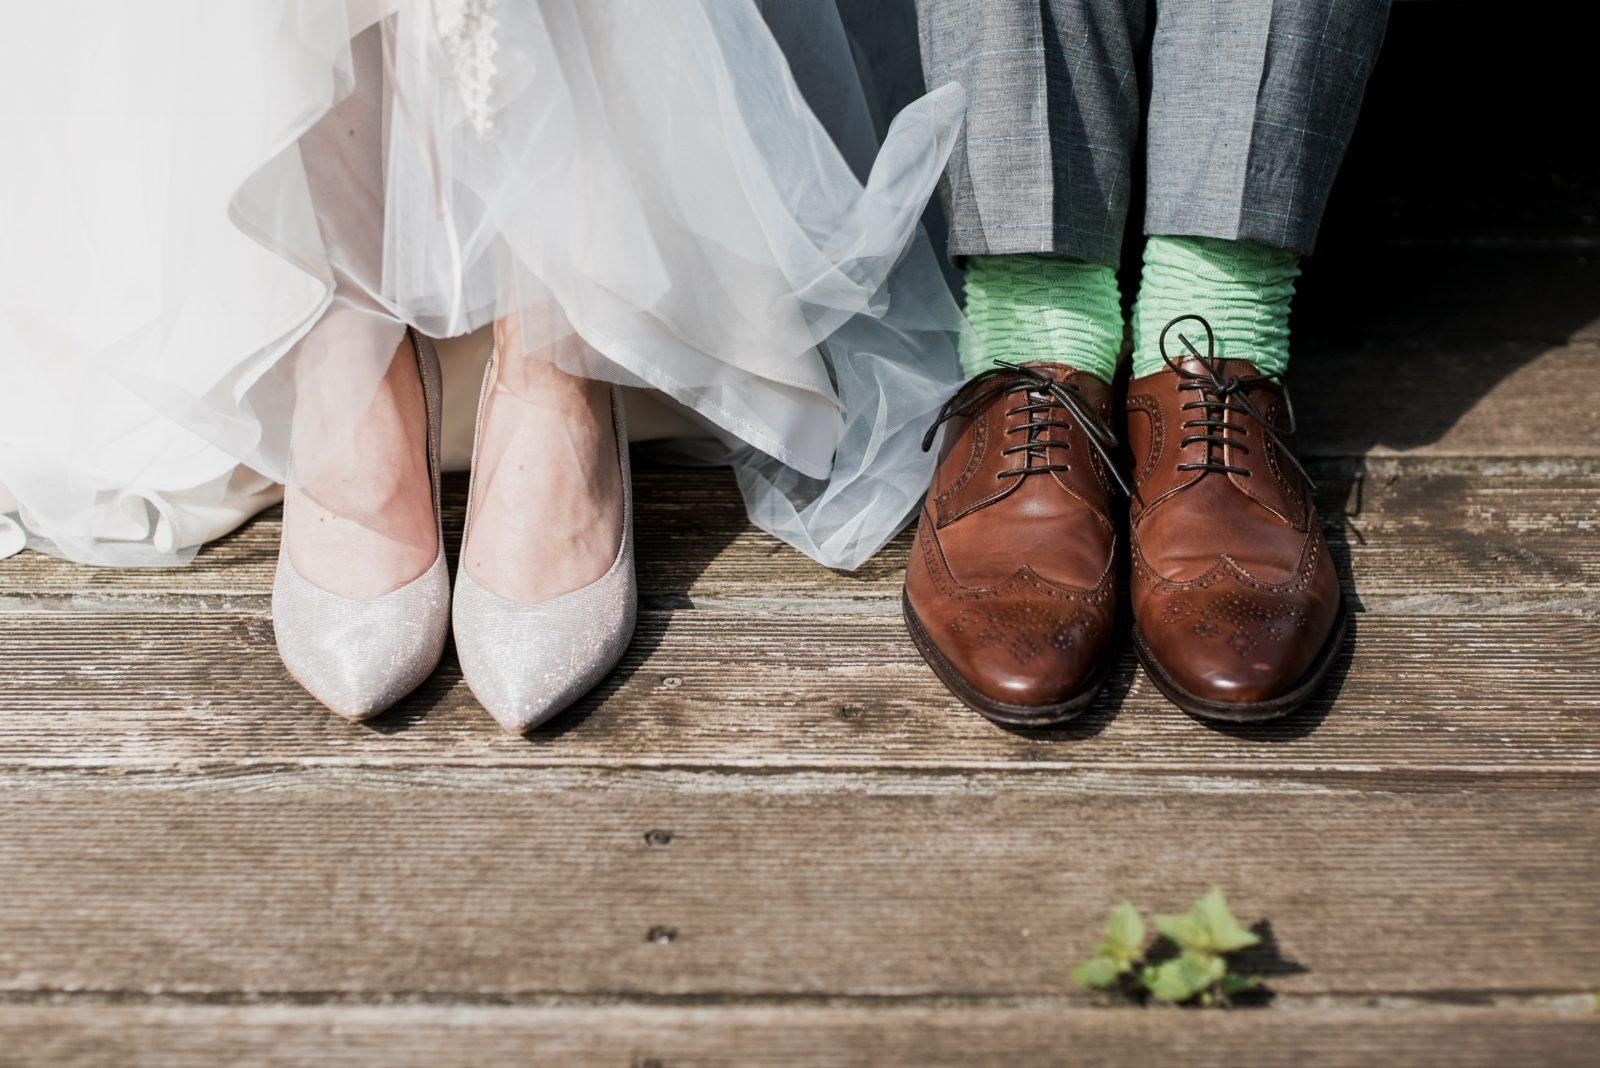 チュールスカートと靴